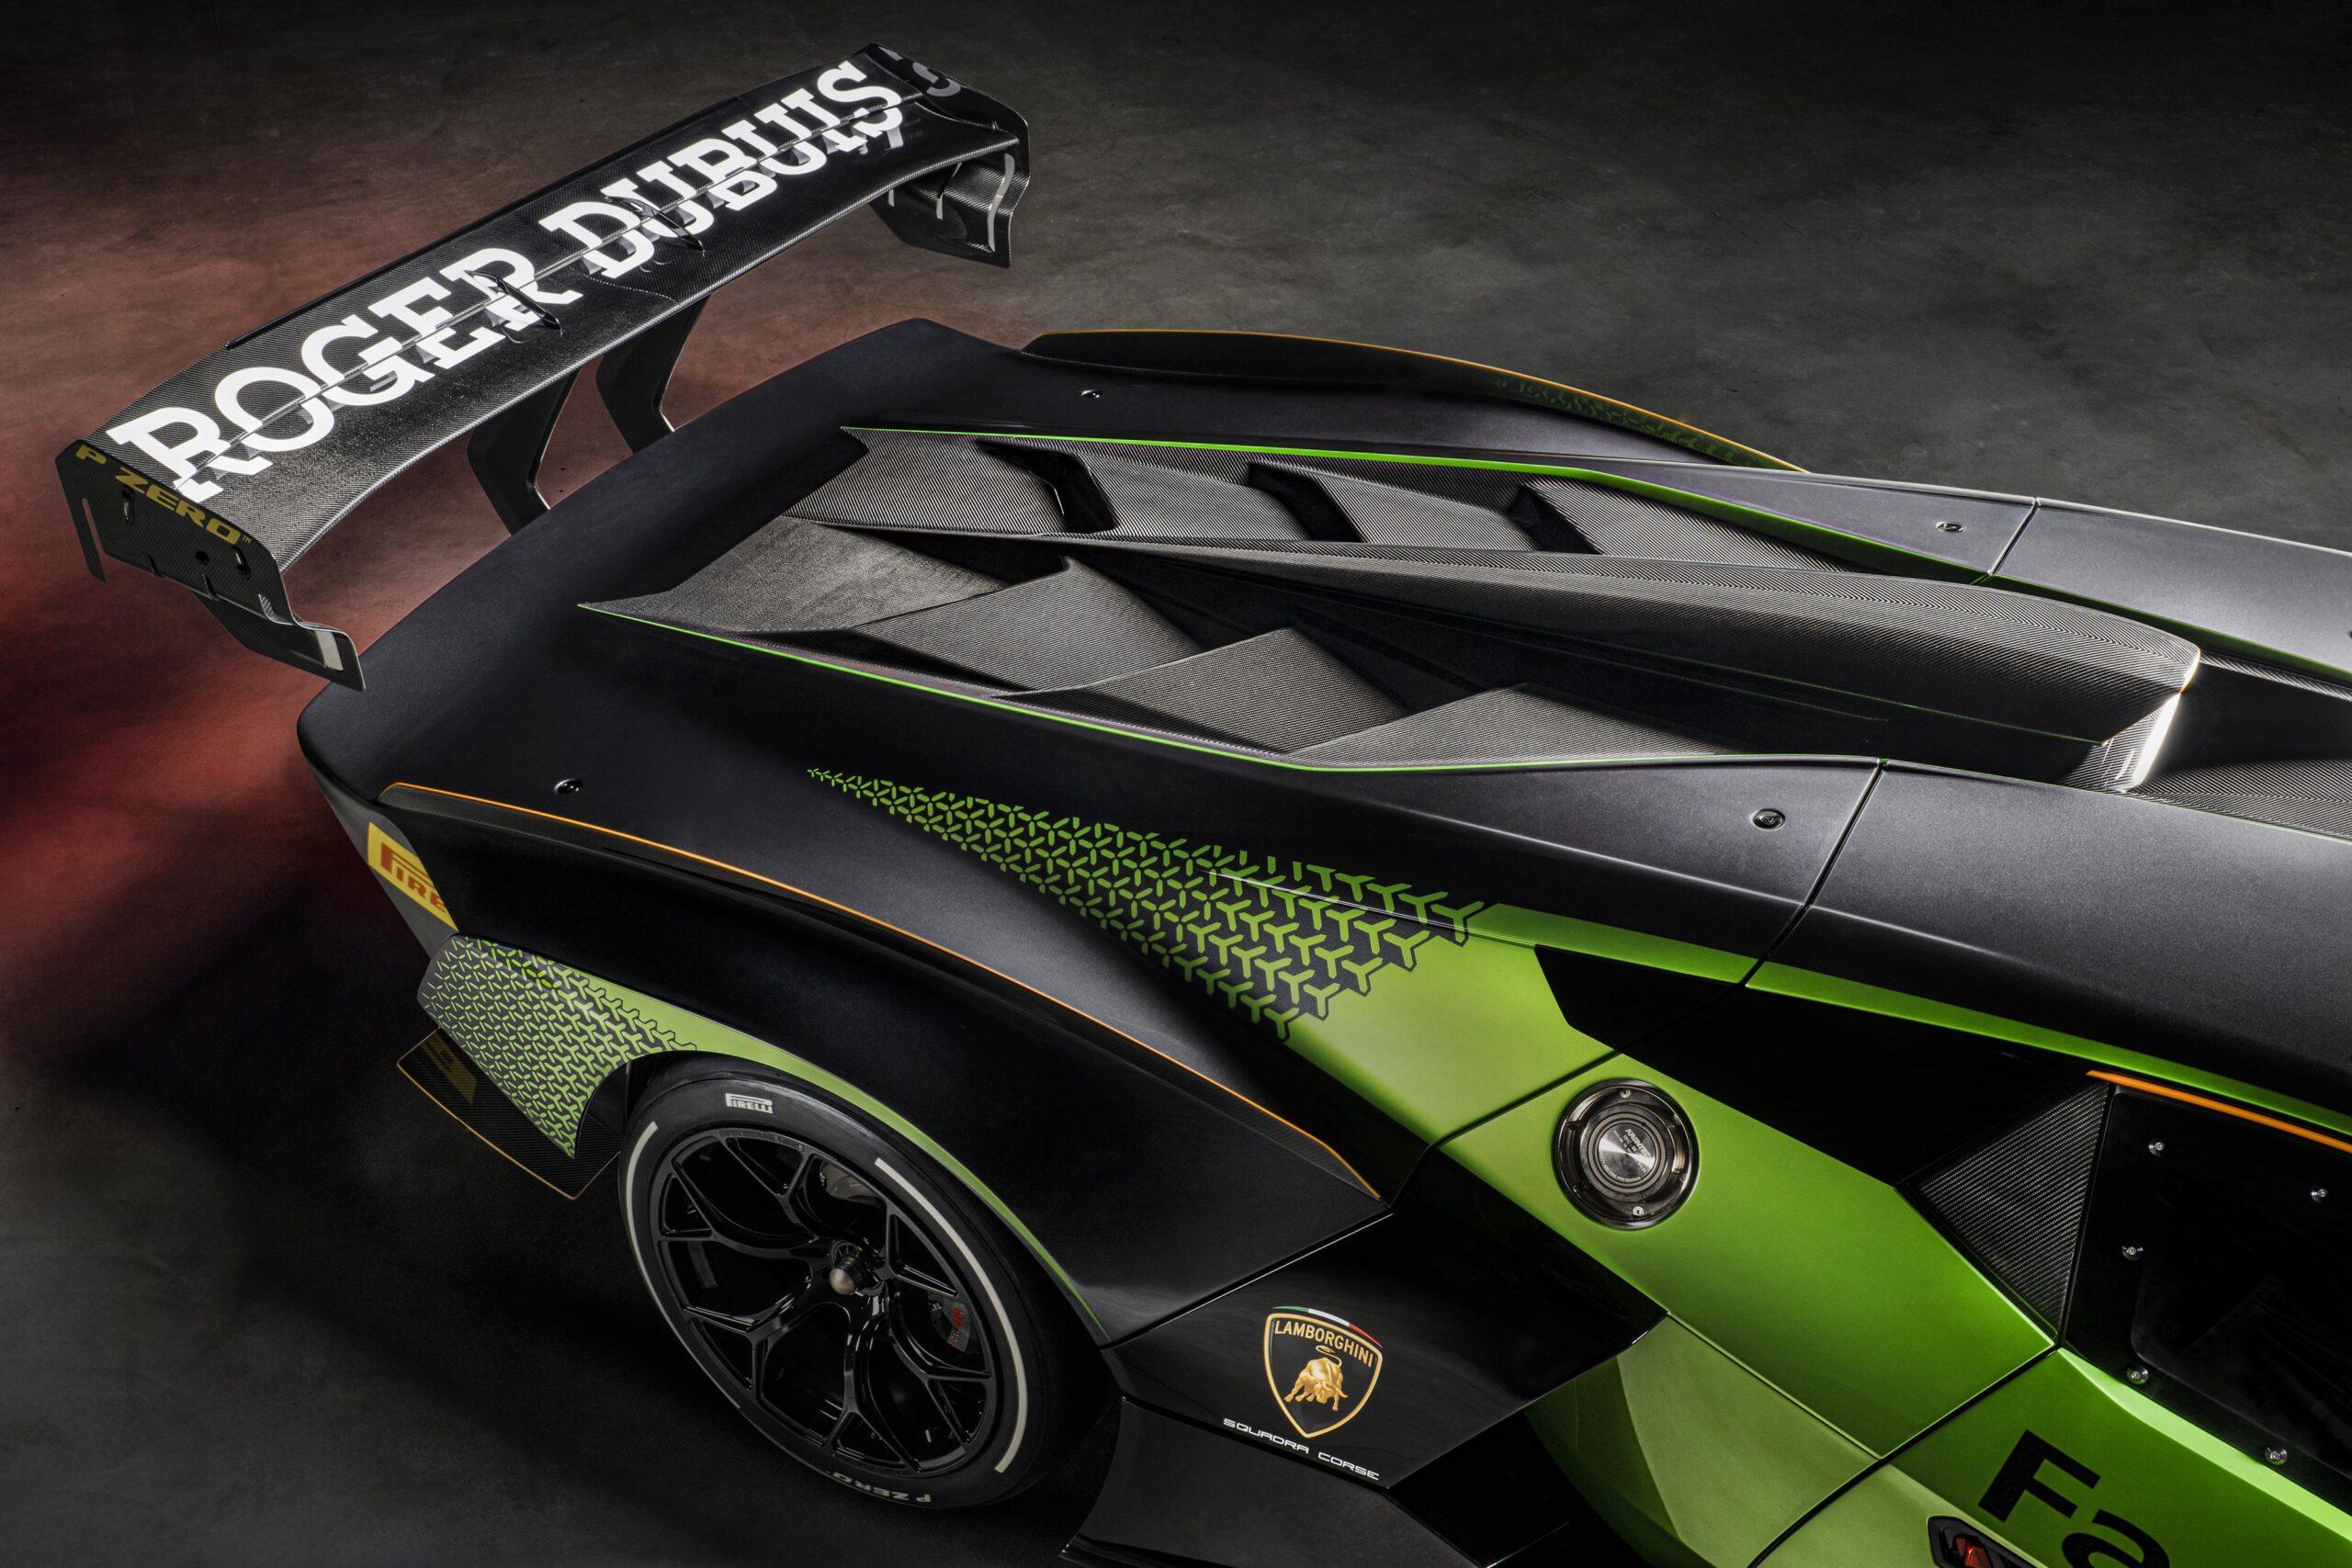 Lamborghini Essenza SCV12 aleron